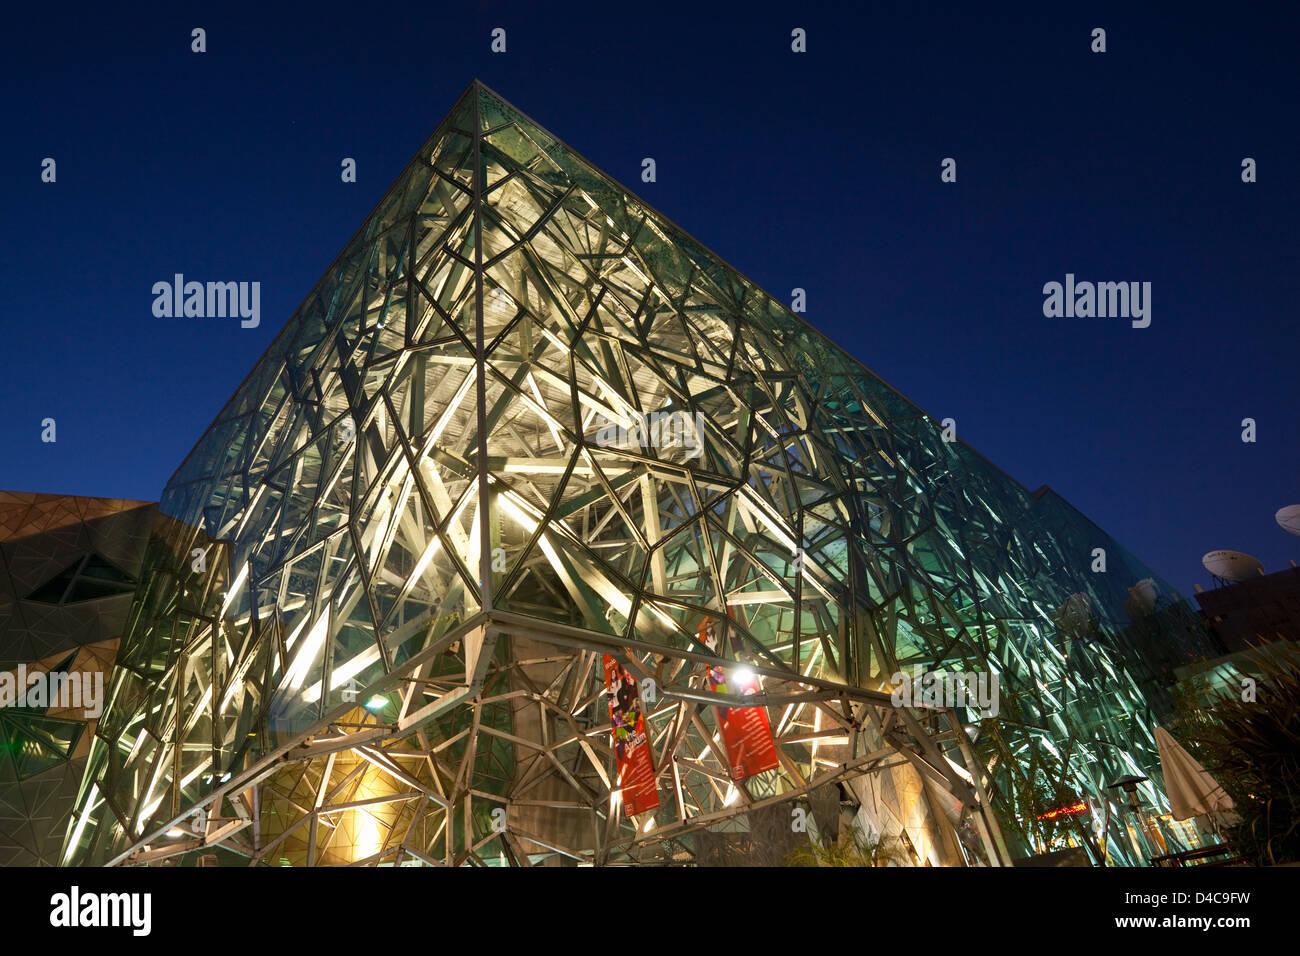 La arquitectura de la plaza de la Federación en la noche. Melbourne, Victoria, Australia Imagen De Stock